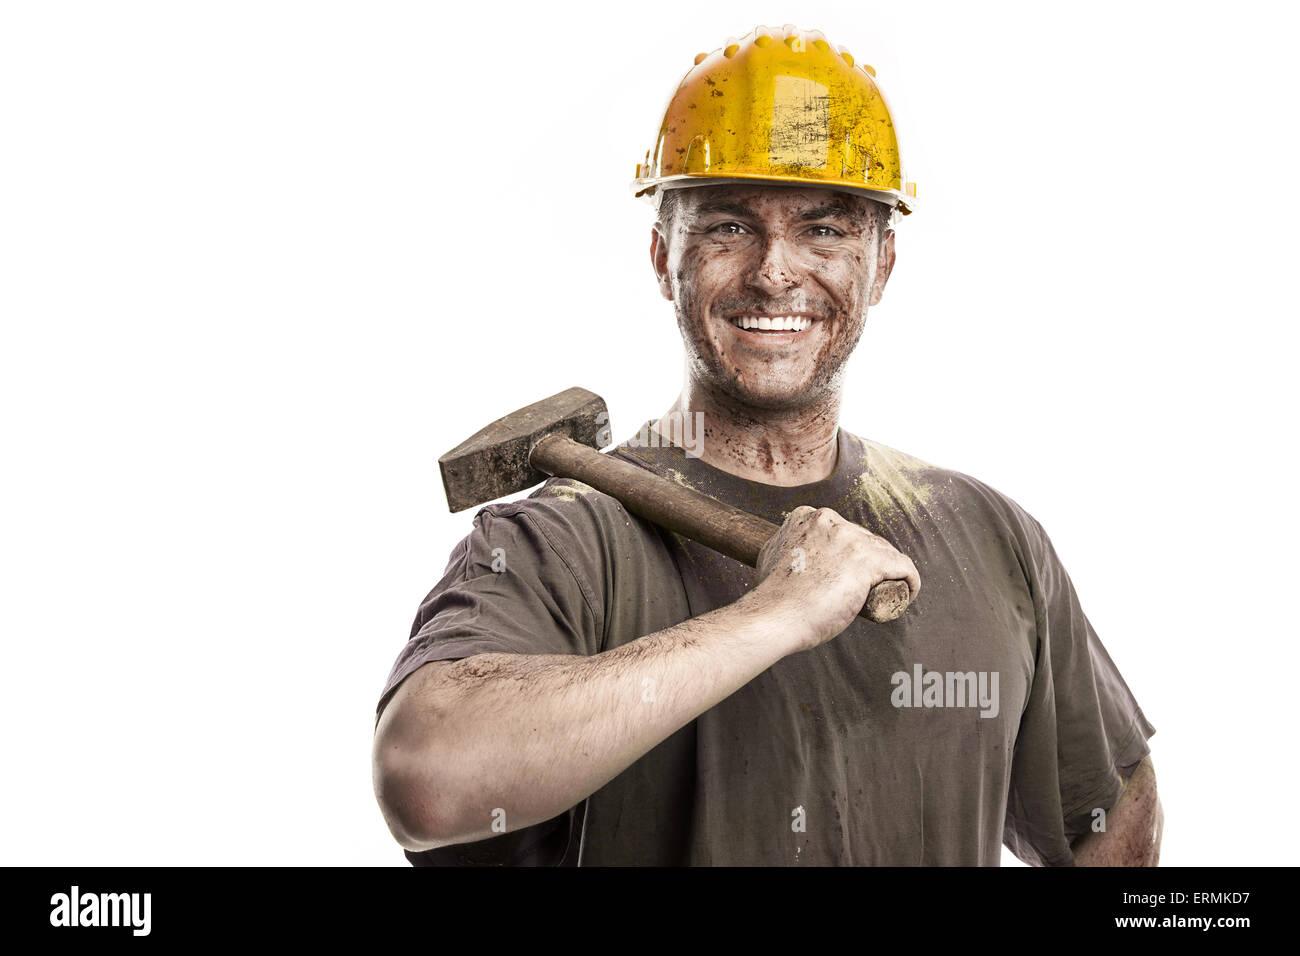 Giovane lavoratore sporco uomo con elmetto casco tenendo un martello isolati su sfondo bianco Immagini Stock